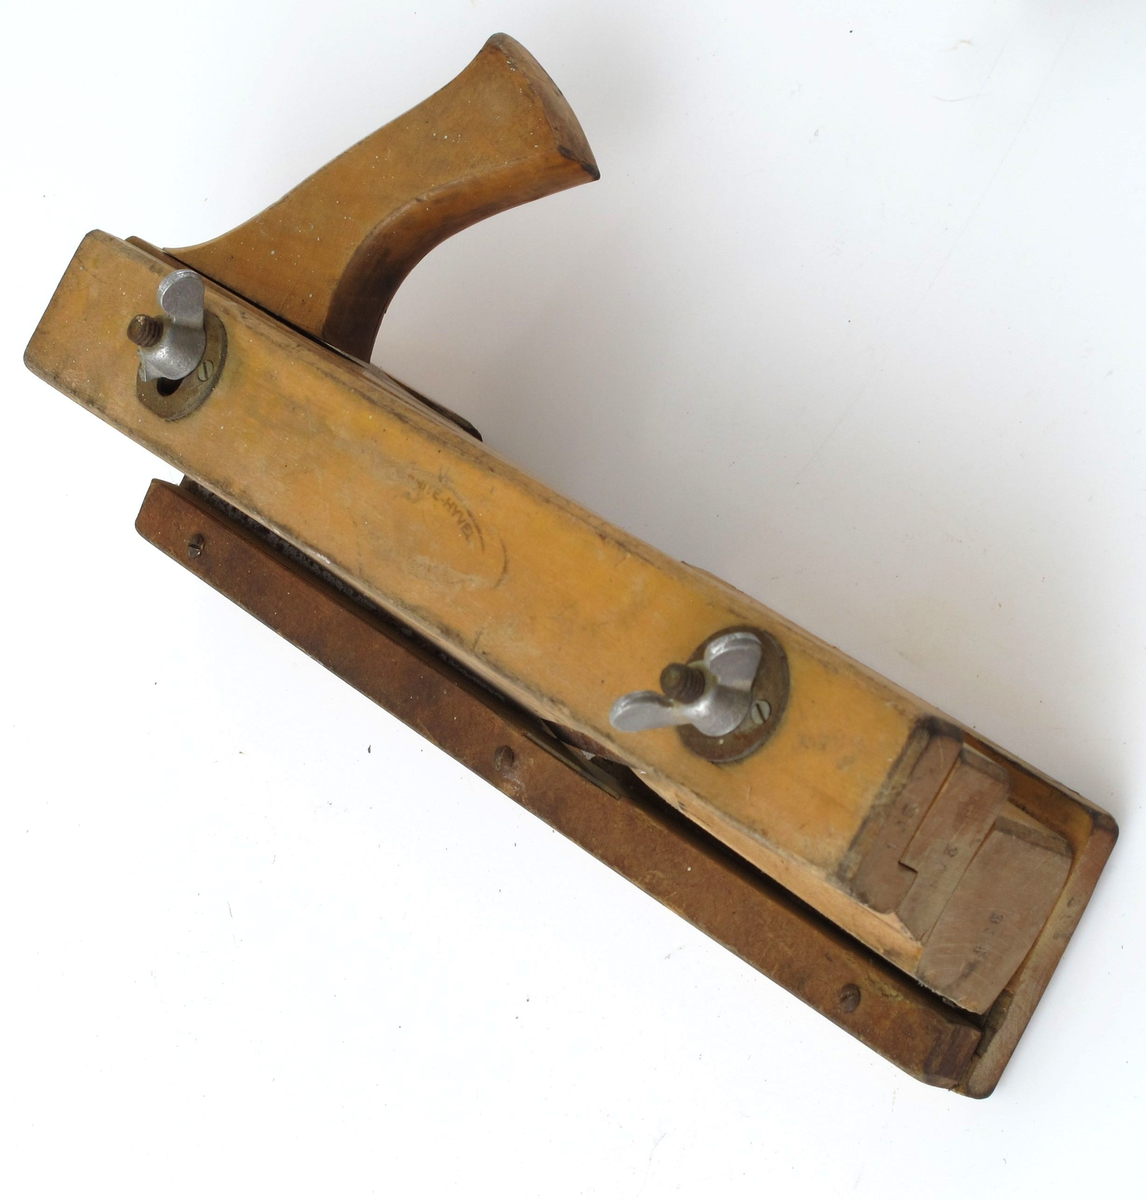 Sammensatt av 4 langsgående deler, sammenholdt av to jernbolter m. vingemuttere. Tangen er skråslipt, festet m. skrue og mutter.